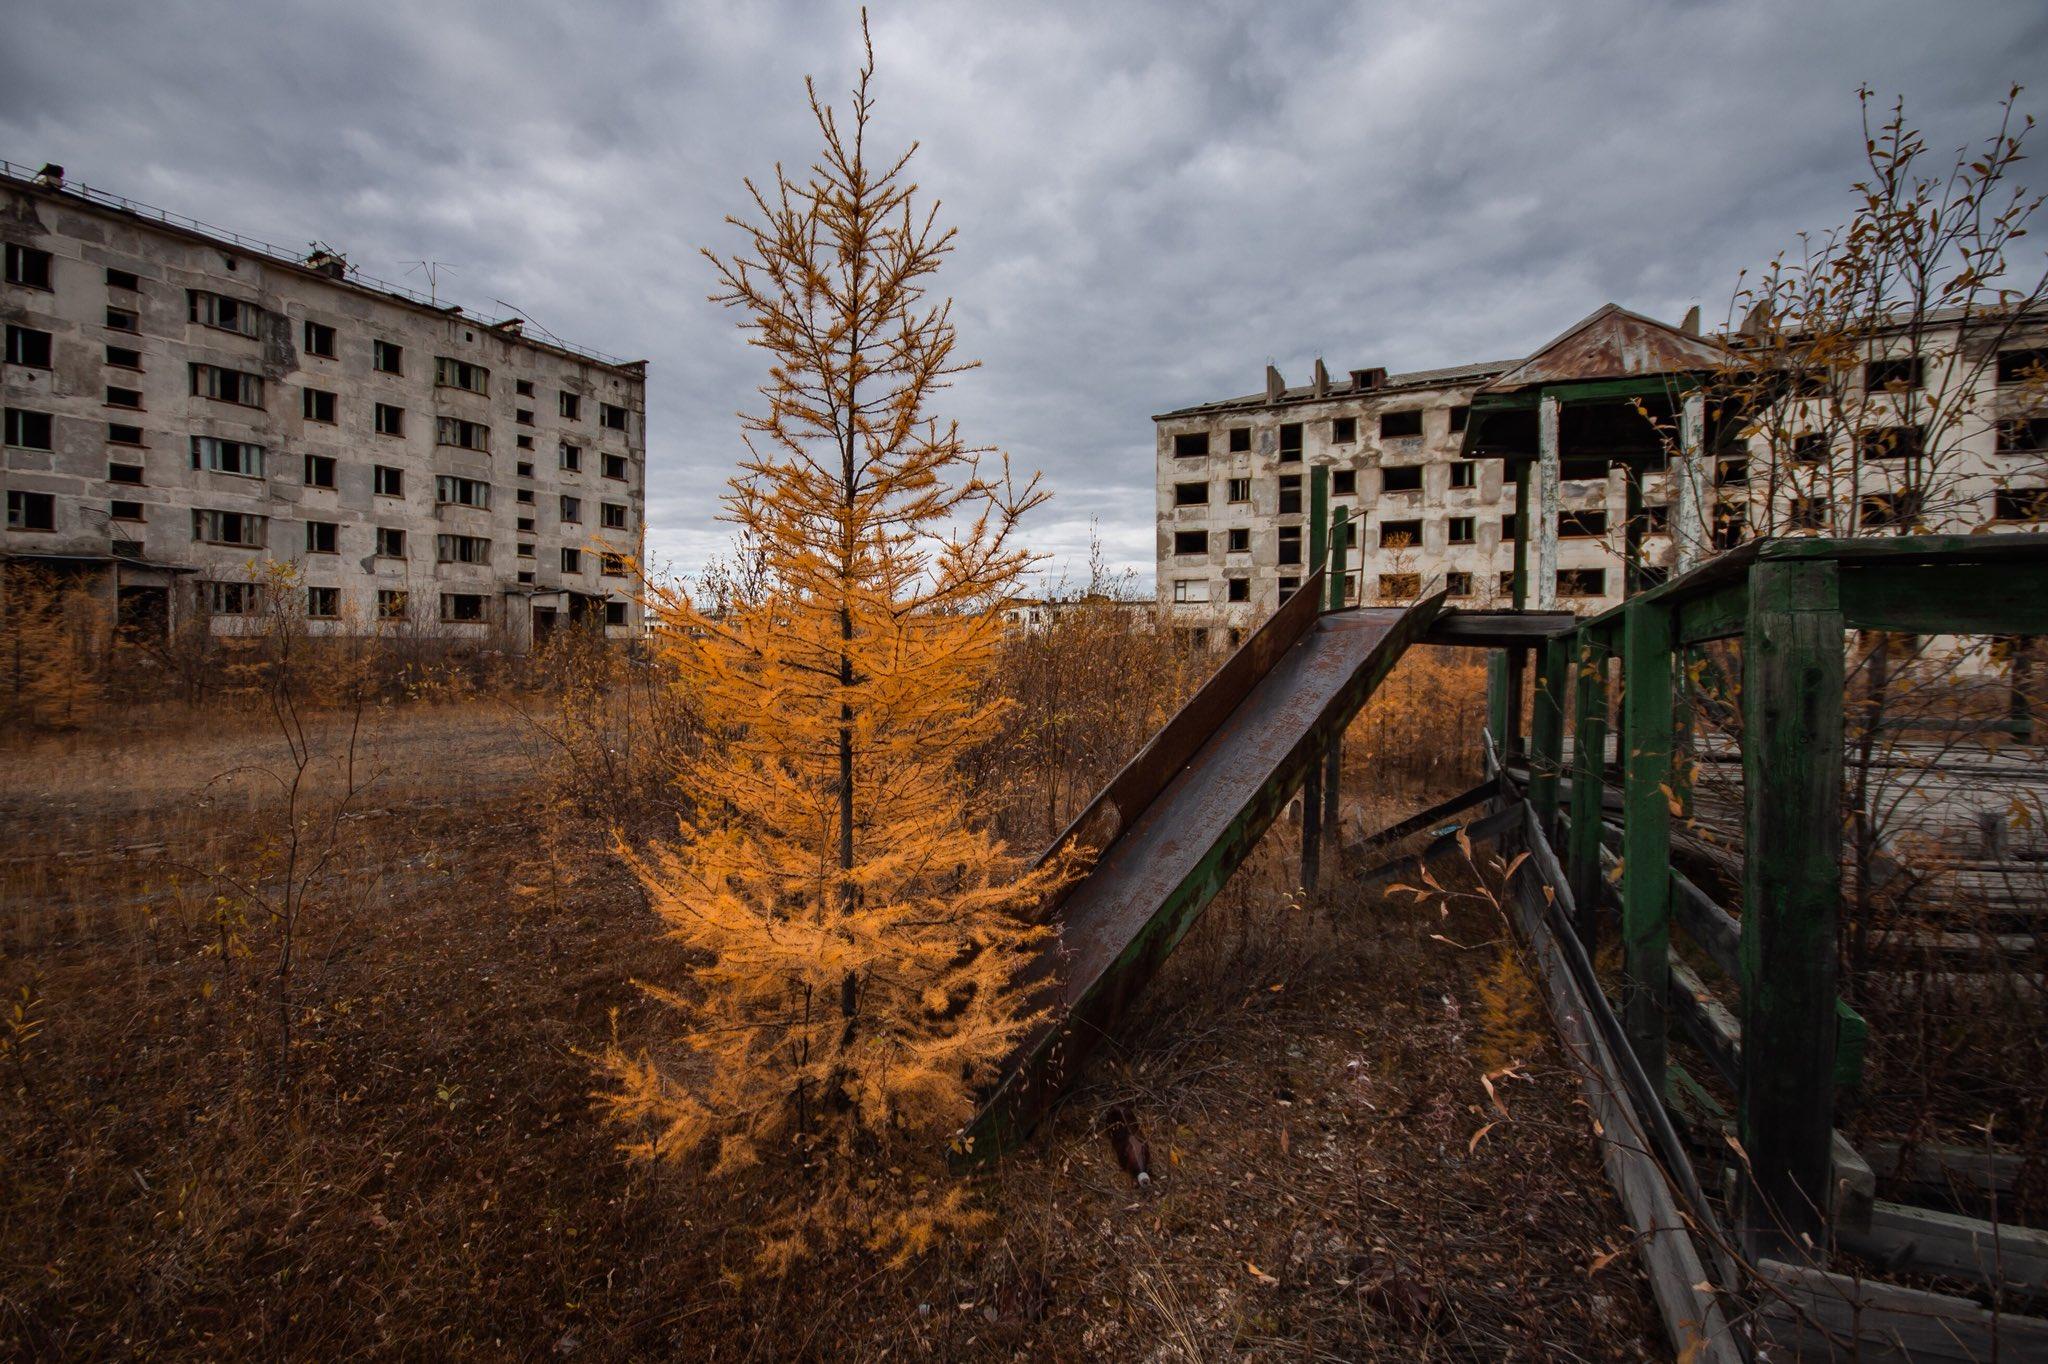 плазменных телевизоров заброшенные города россии фото с названиями всяком случает, бегают